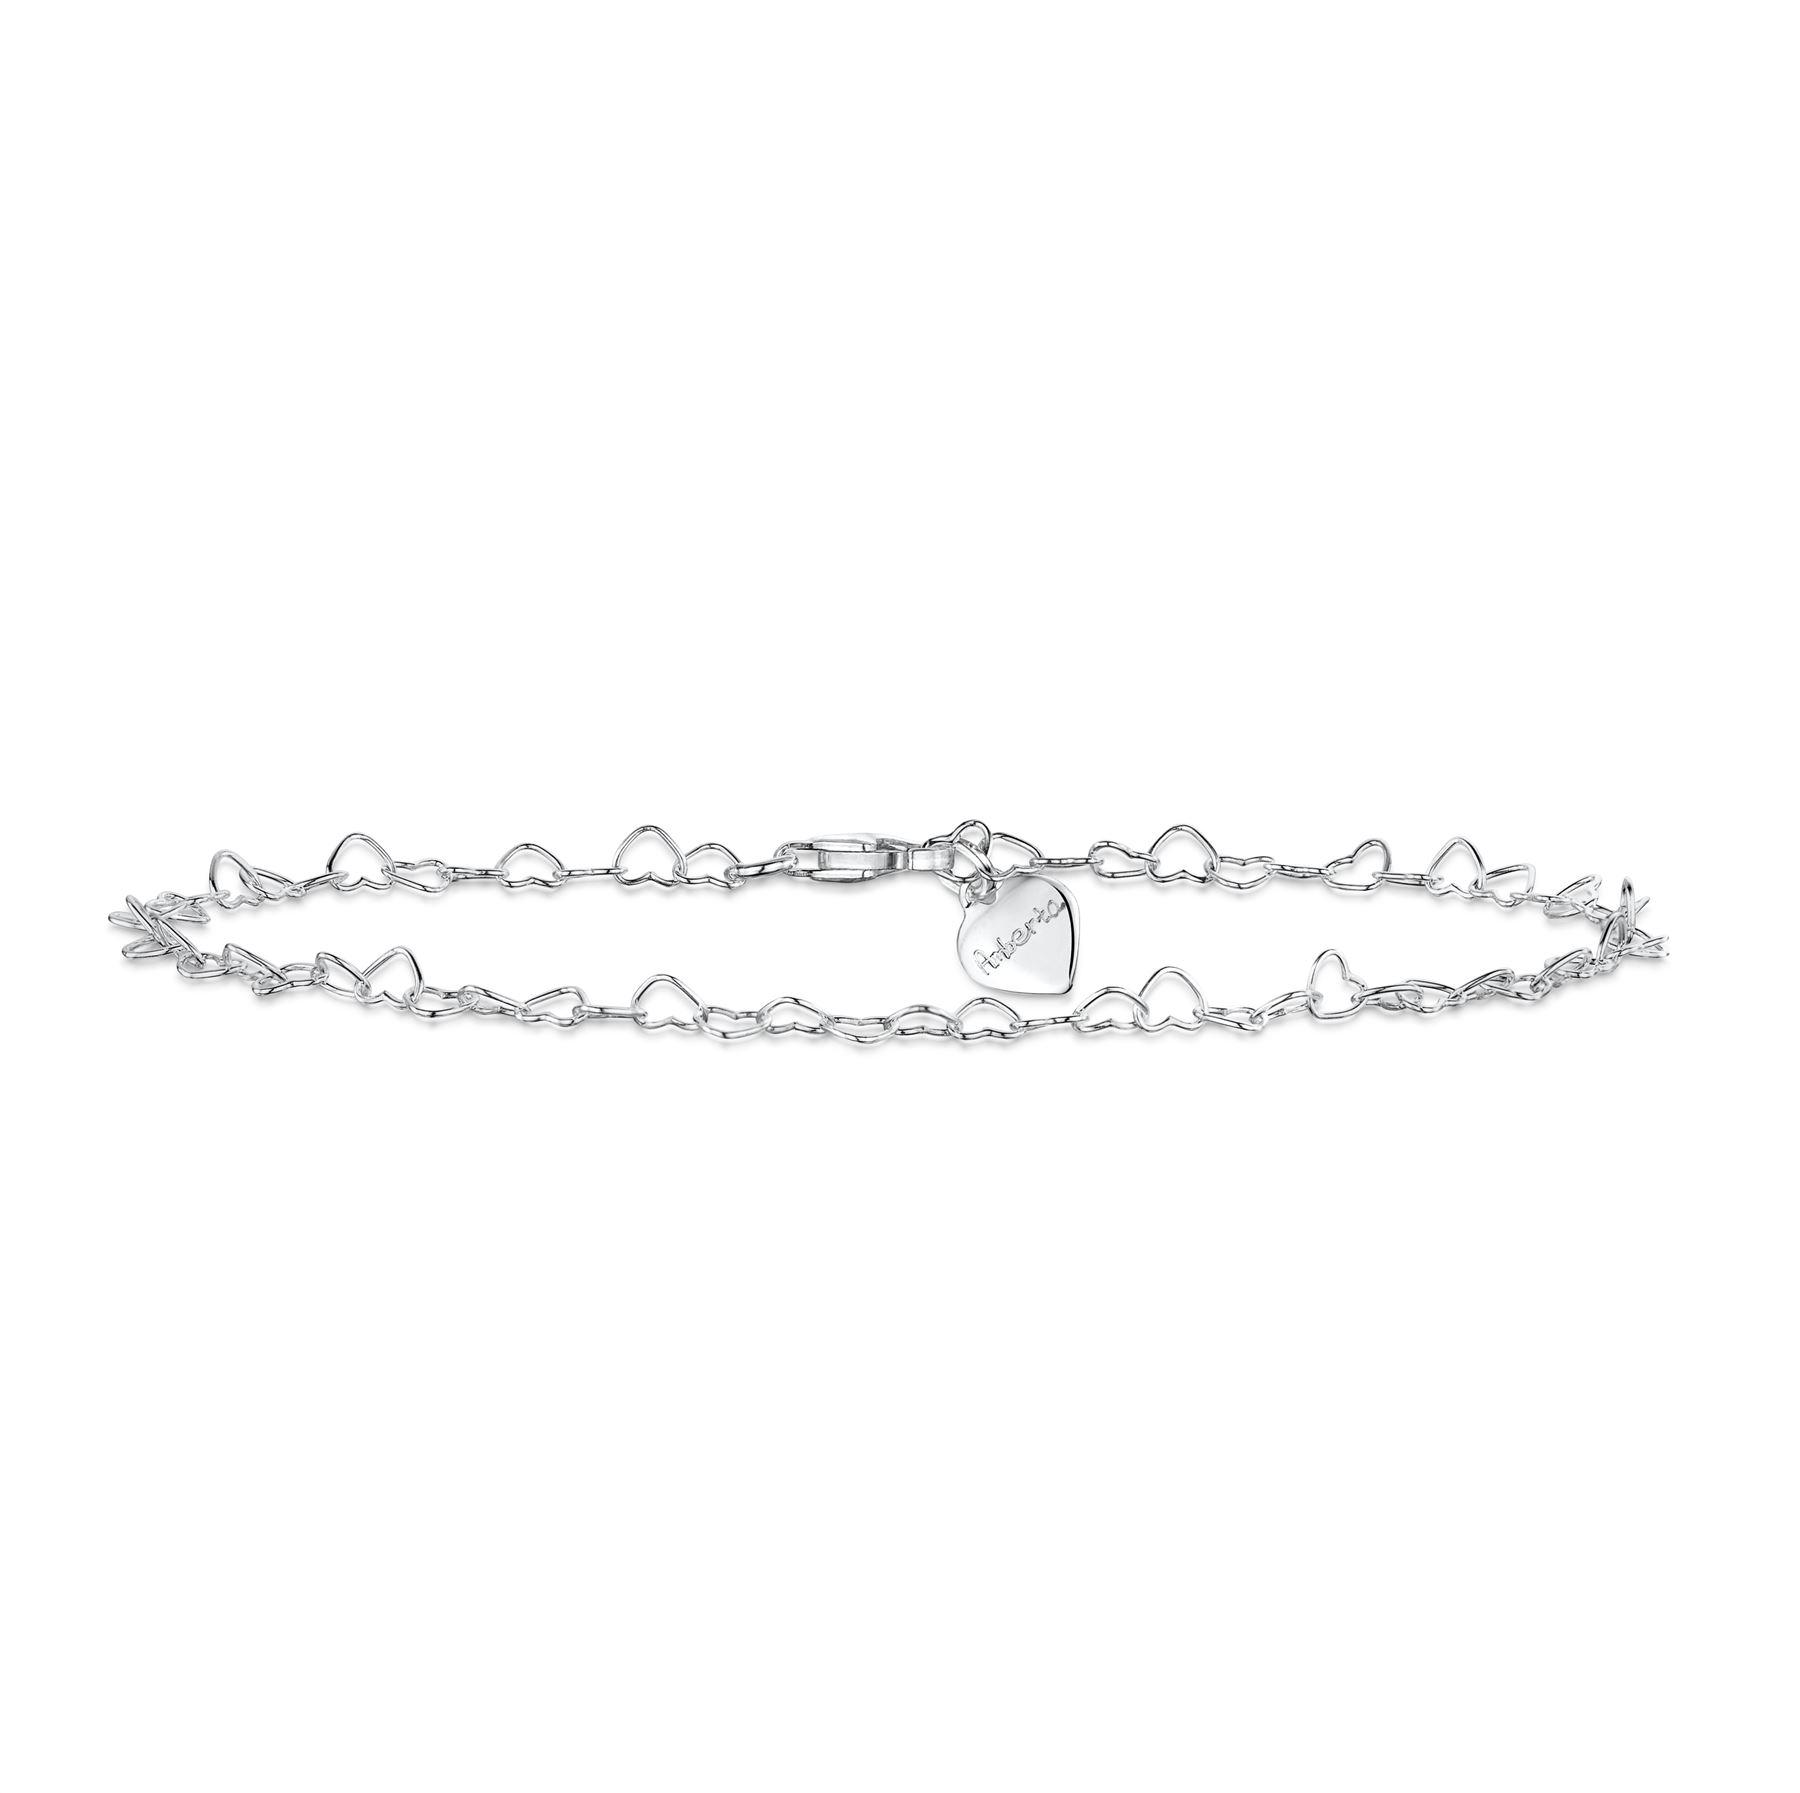 Amberta-Bijoux-Bracelet-en-Vrai-Argent-Sterling-925-Chaine-pour-Femme-a-la-Mode thumbnail 73